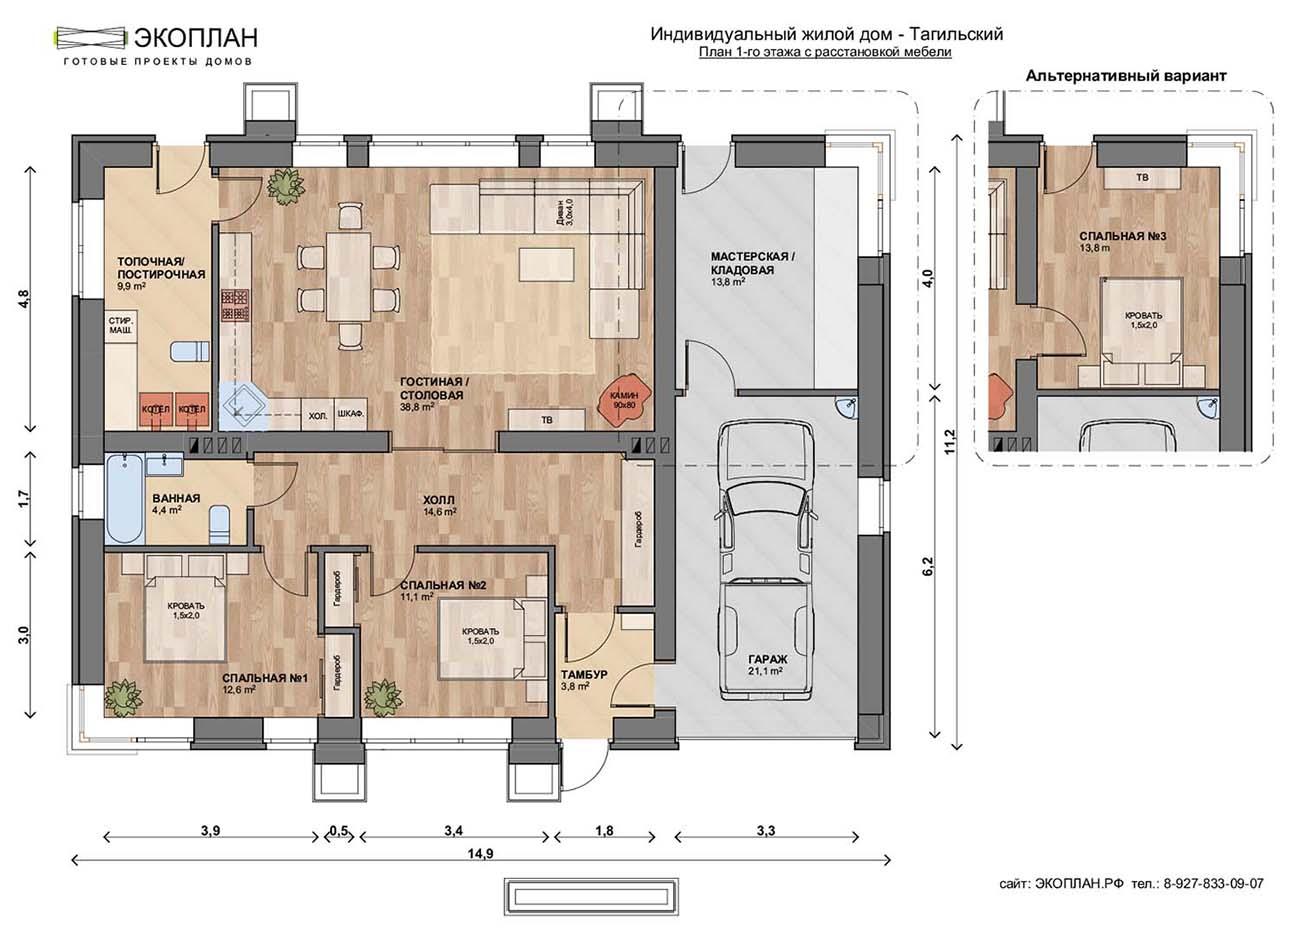 Готовый проект дома - Тагильский - Ульяновск план